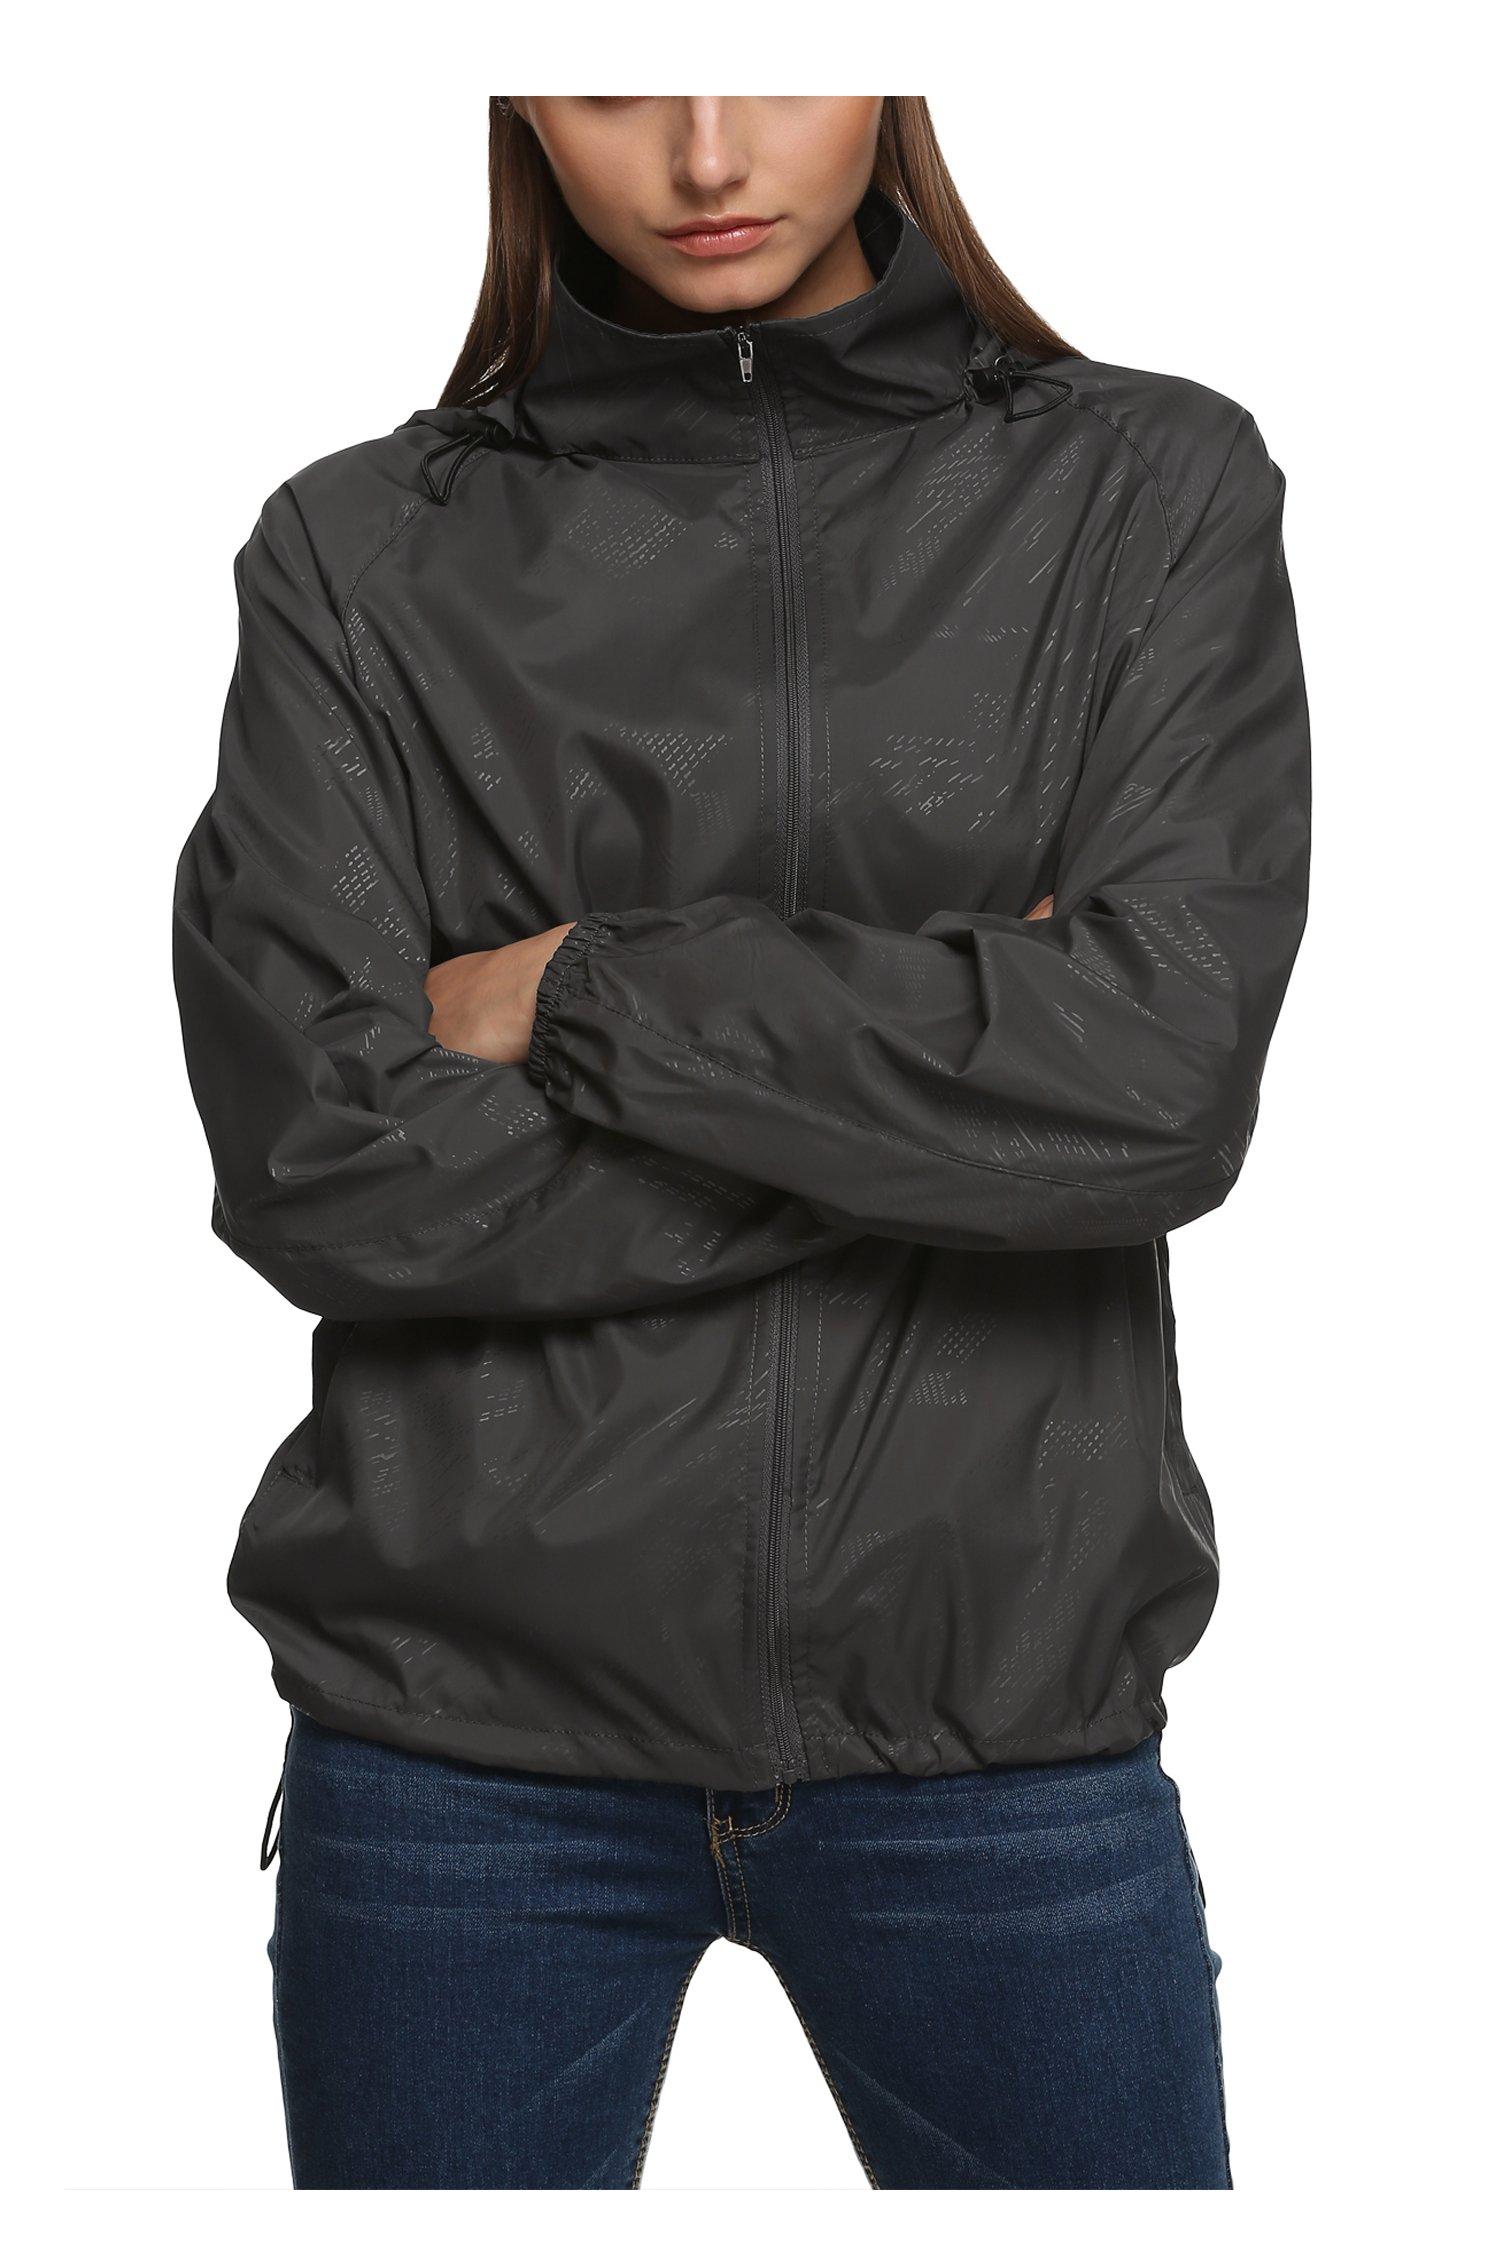 Men S Golf Rain Jacket Waterproof Amazon Com